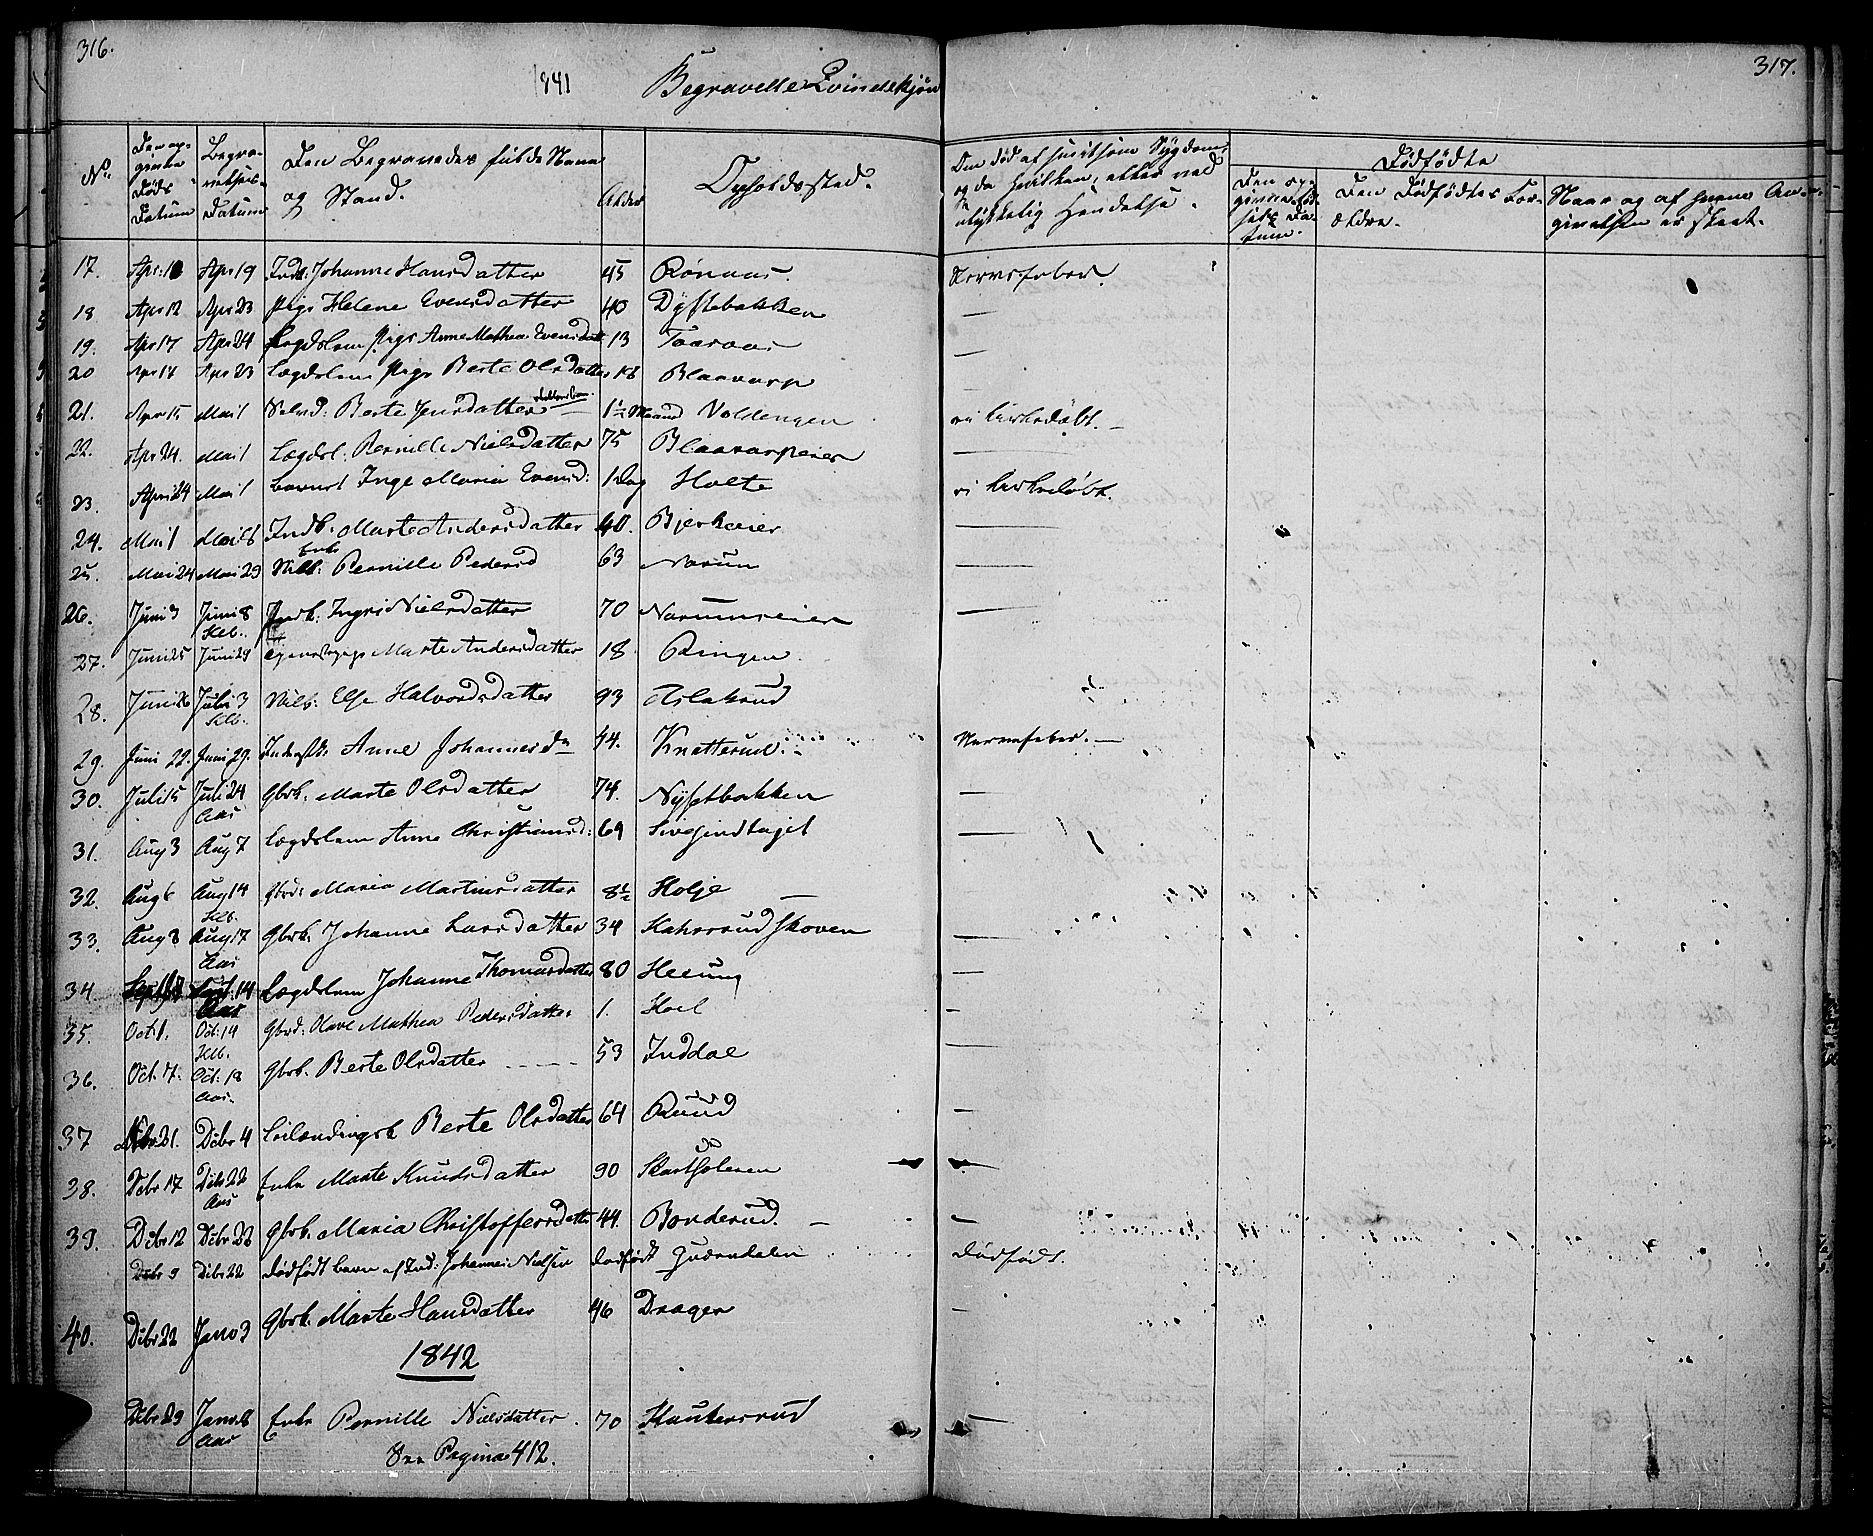 SAH, Vestre Toten prestekontor, Ministerialbok nr. 3, 1836-1843, s. 316-317